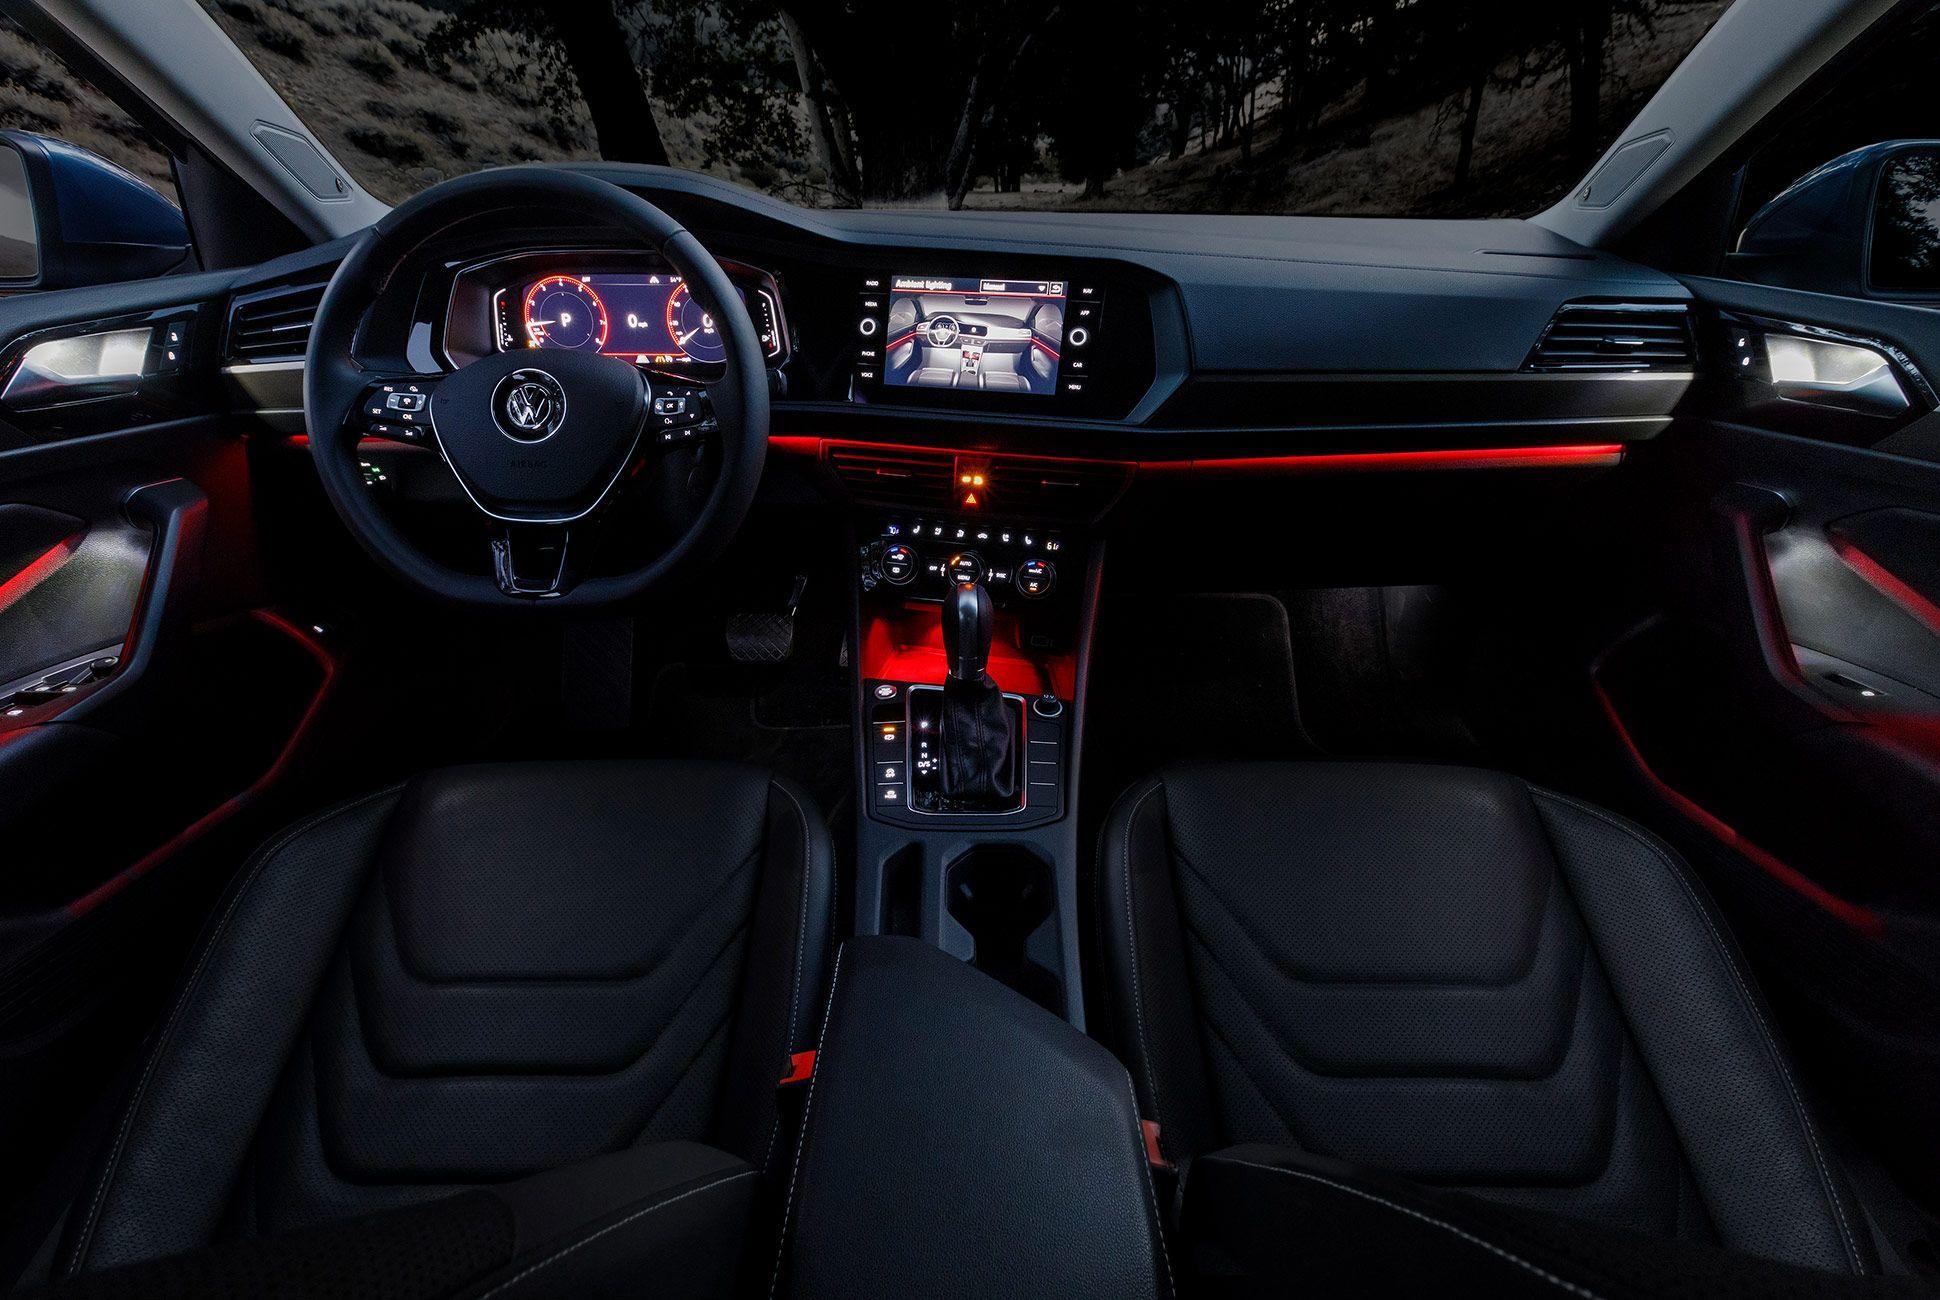 2019-Volkswagen-Jetta-VW-gear-patrol-6